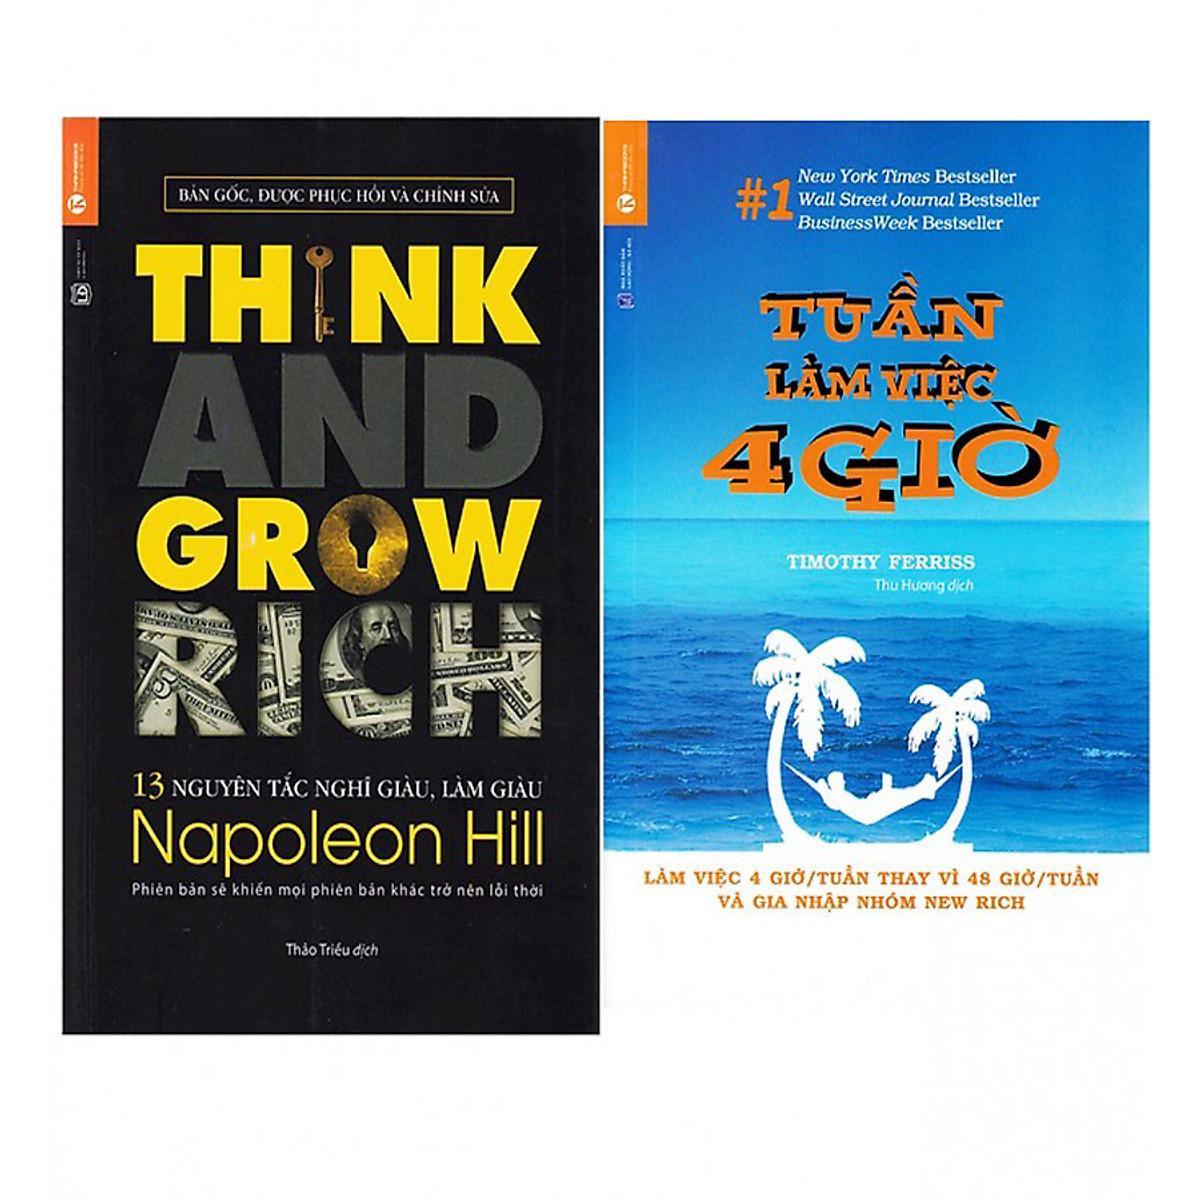 Hình đại diện sản phẩm Combo Tuần Làm Việc 4 Giờ (Tái Bản) + 13 Nguyên Tắc Nghĩ Giàu Làm Giàu - Think And Grow Rich (Tái Bản)